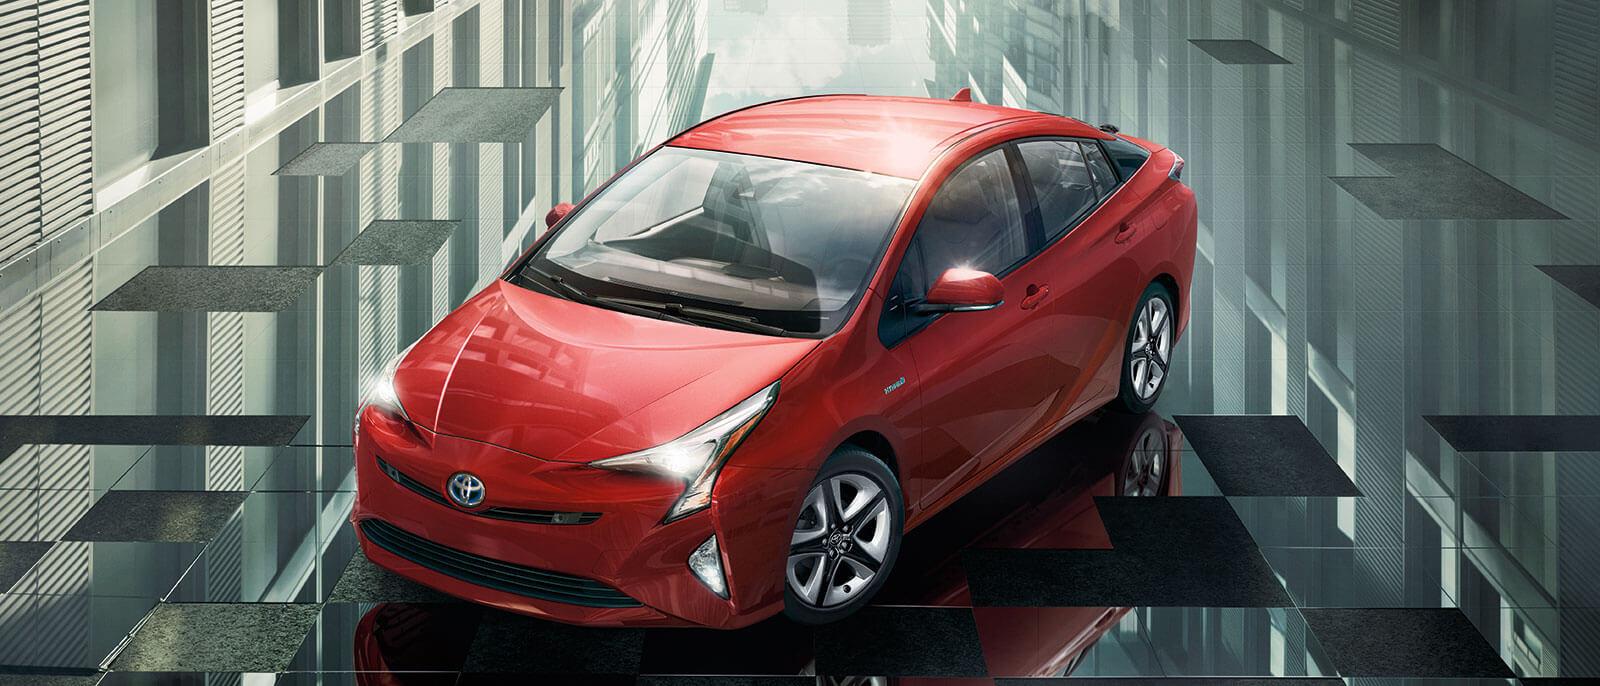 2016-Toyota-Prius-02-1